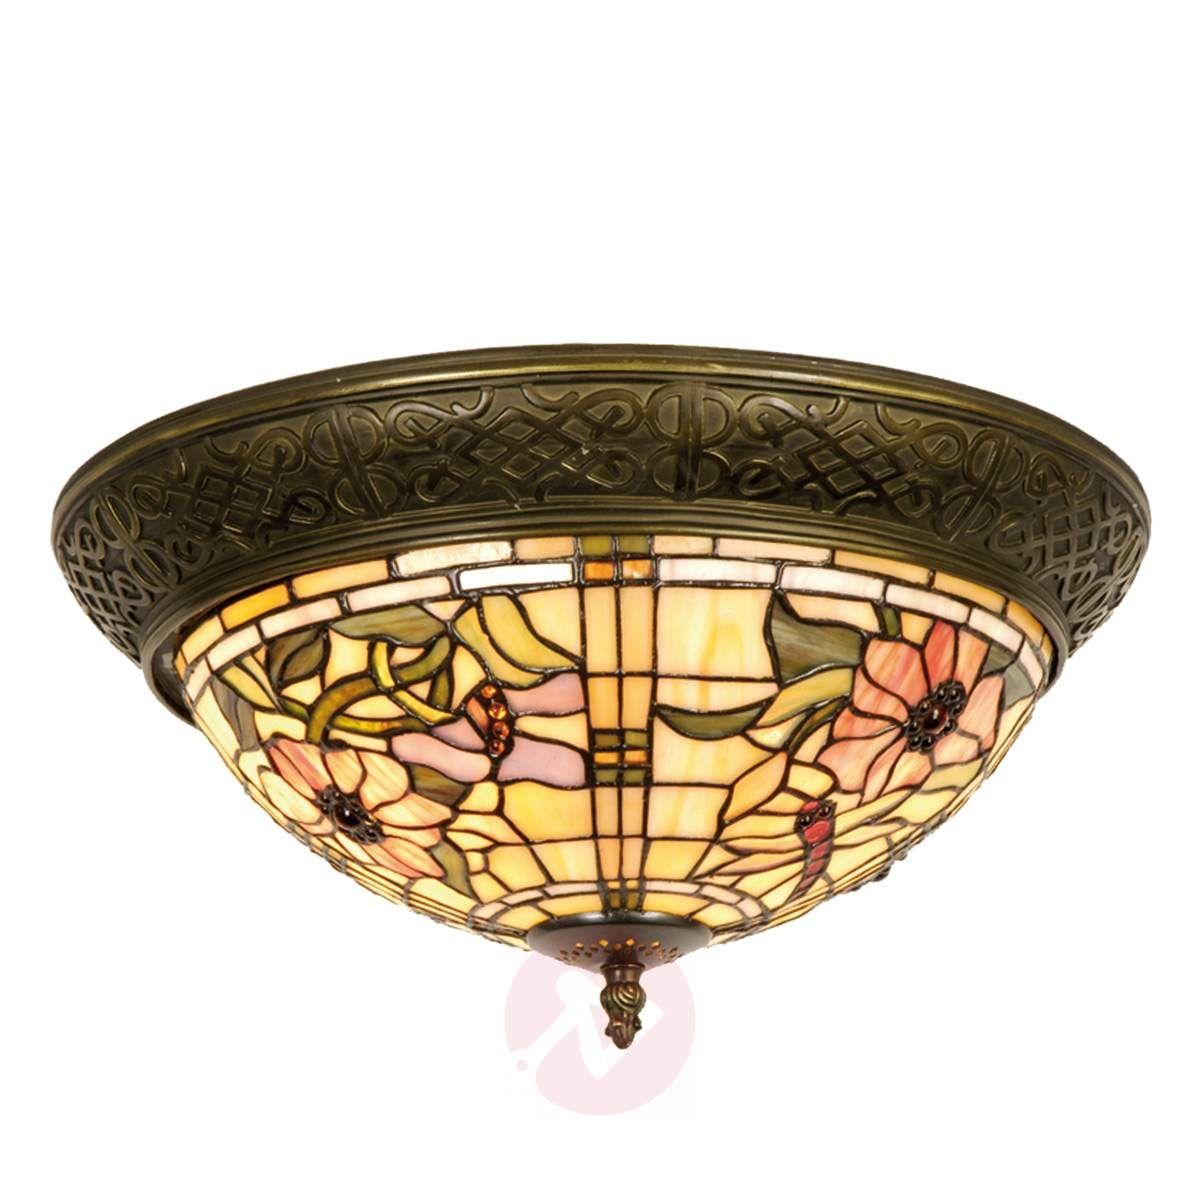 Mira Lampa Sufitowa W Stylu Tiffany W 2019 Lampy